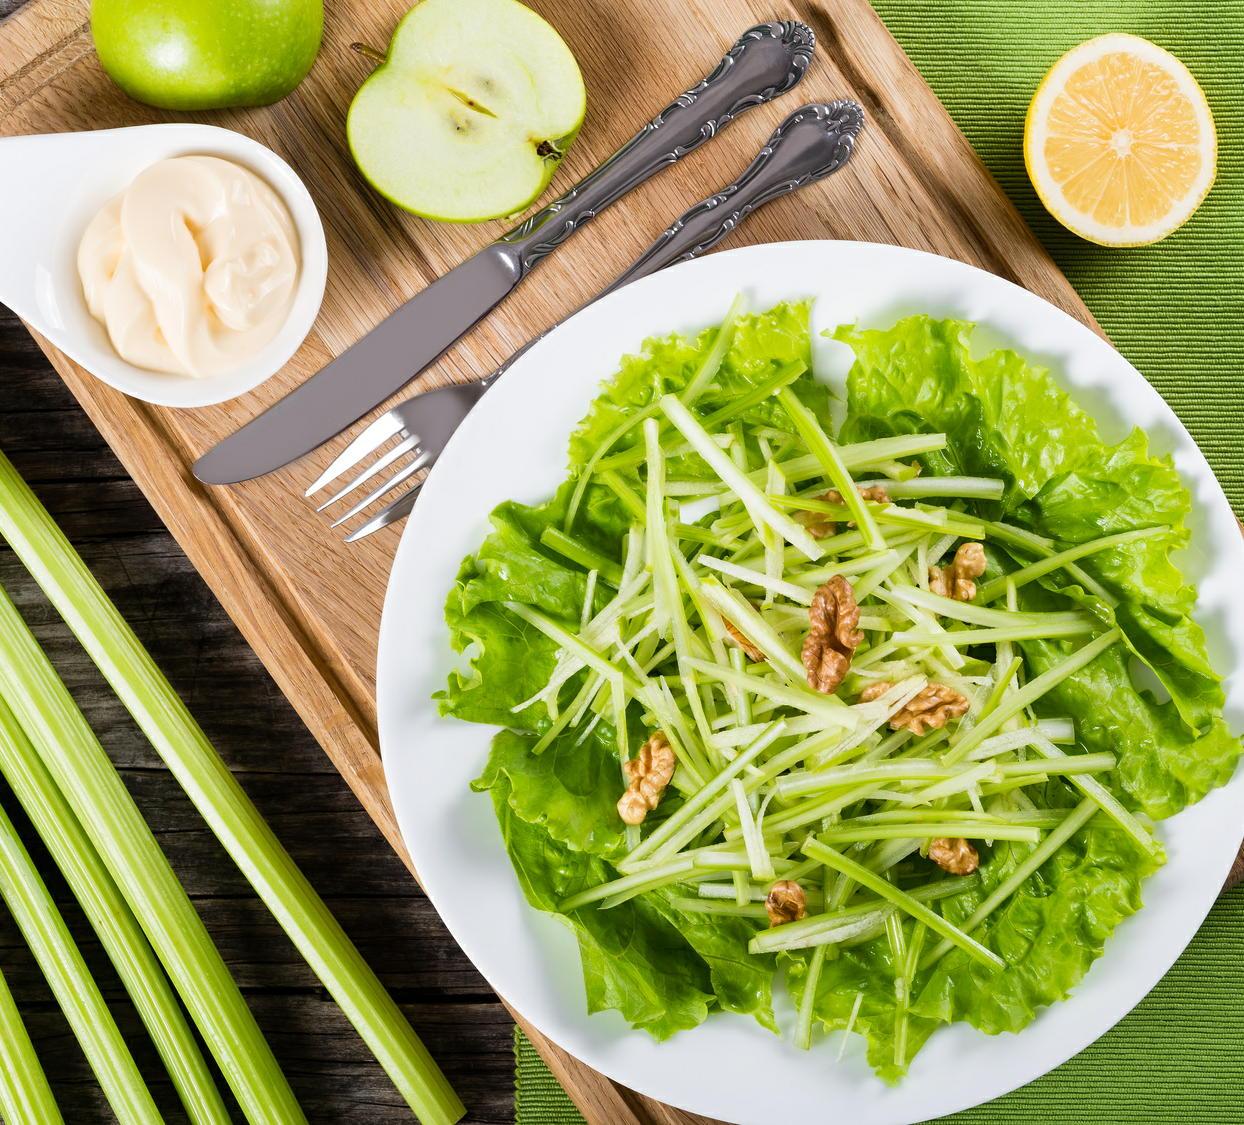 なぜ朝食は食べた方が良いのか? 肥満と脂質異常症を予防するのに有利